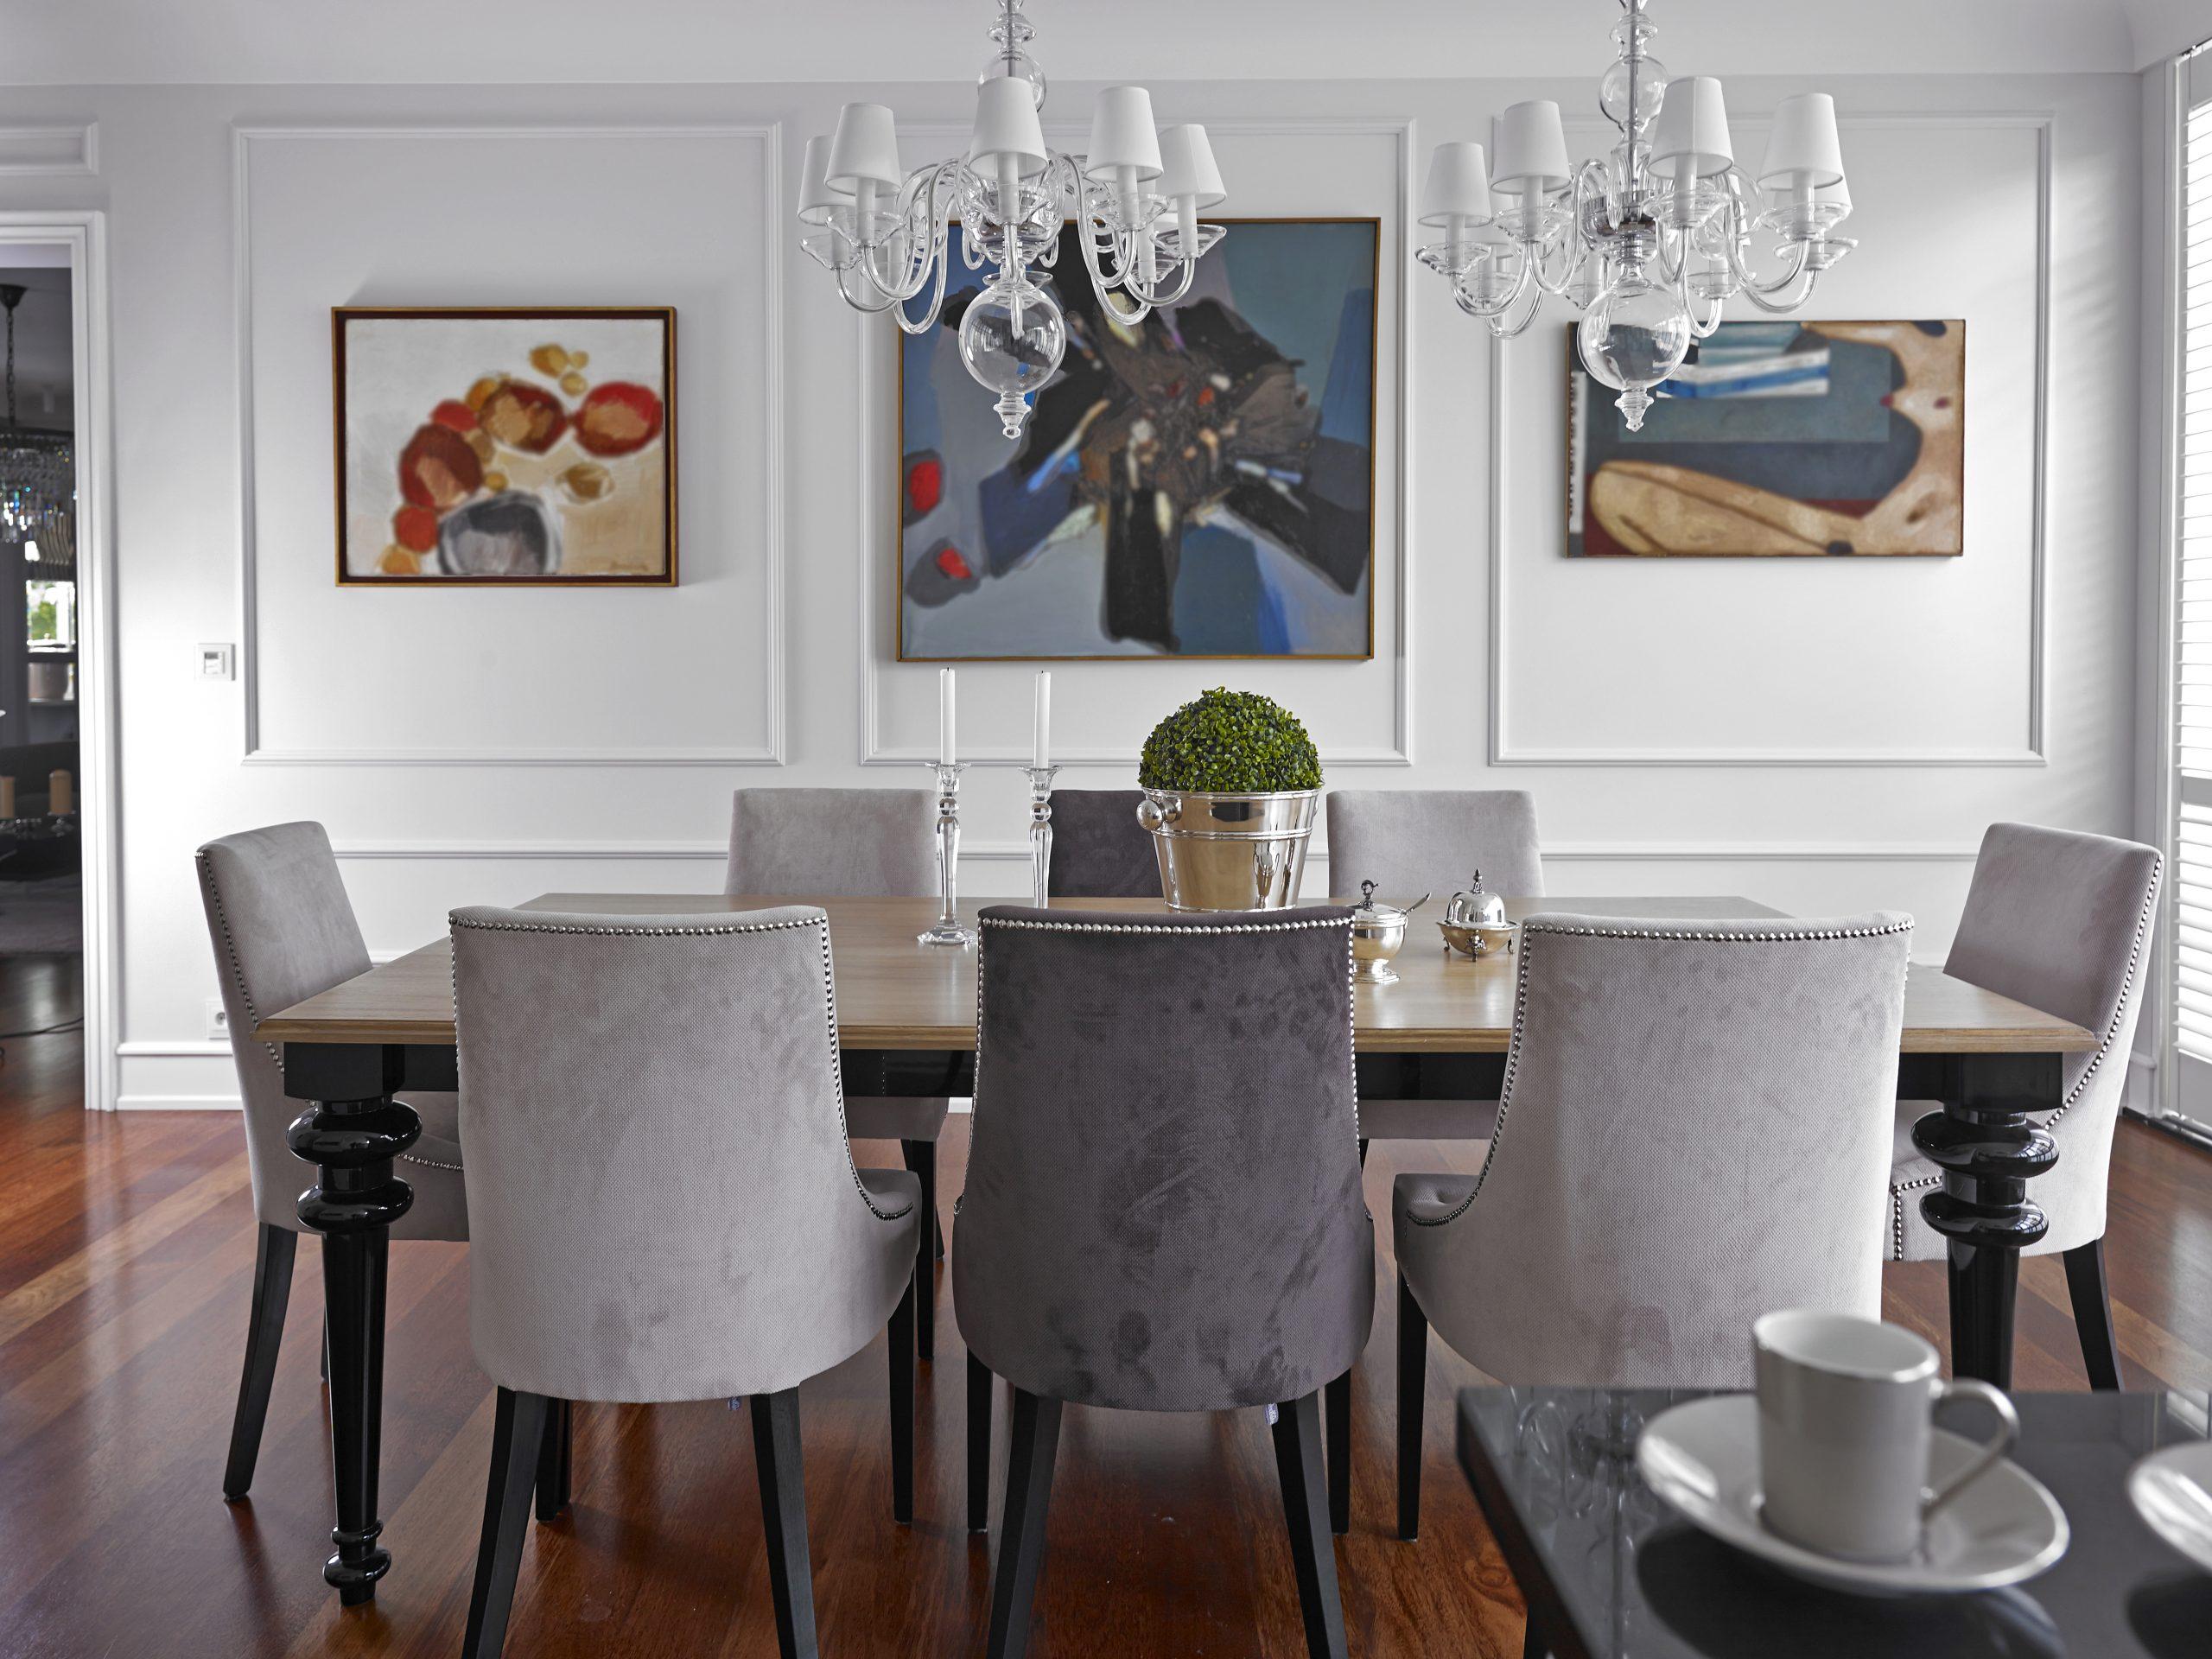 Modny tapicerowane krzesła lite drewno łazience na zamówienie